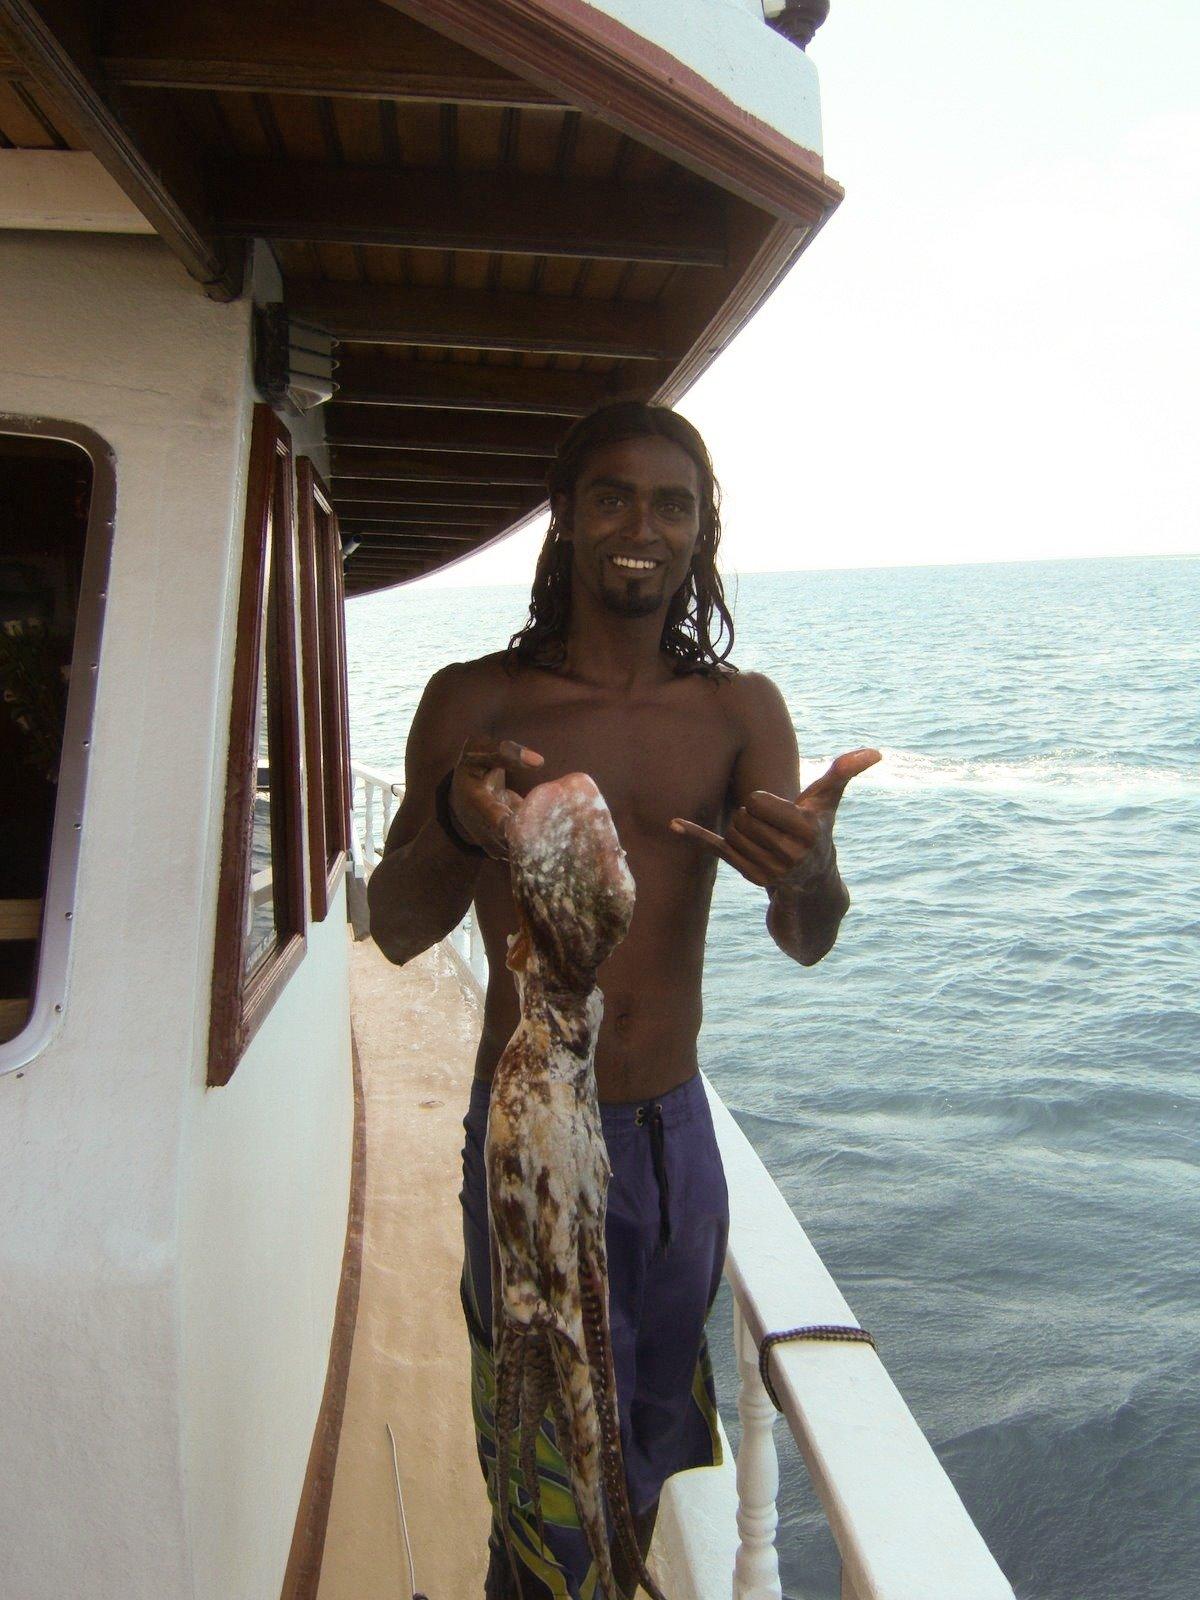 Crociera alle Maldive